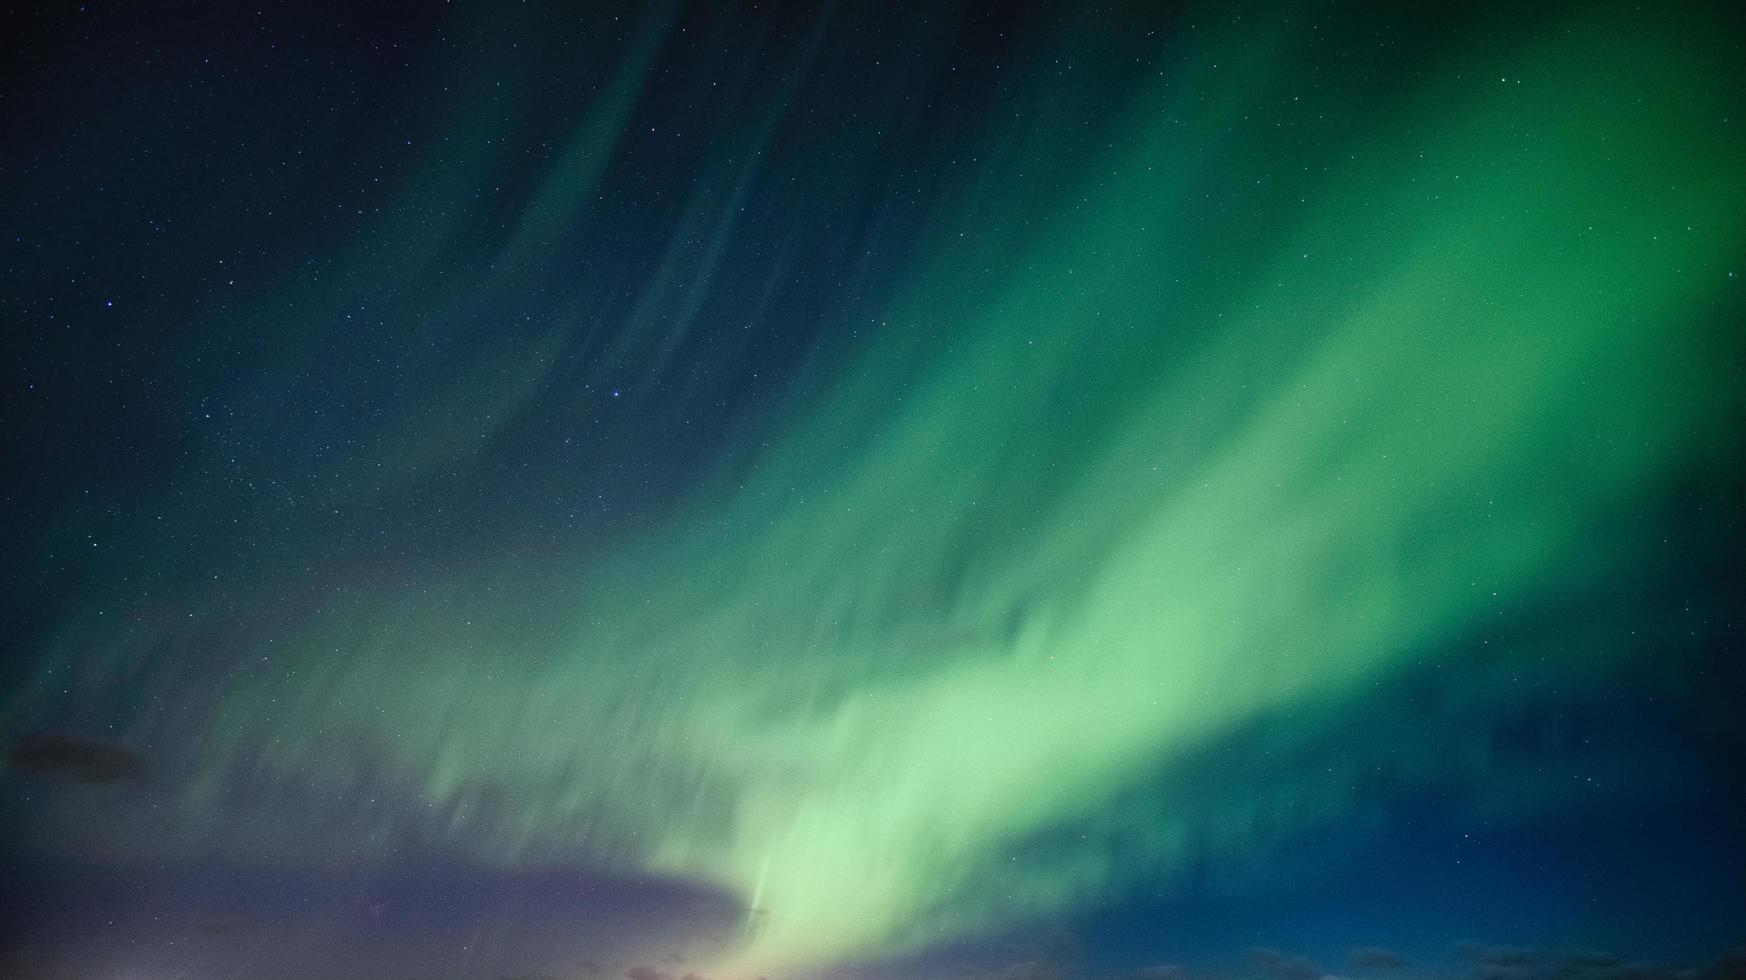 aurores boréales et étoiles dans le ciel photo